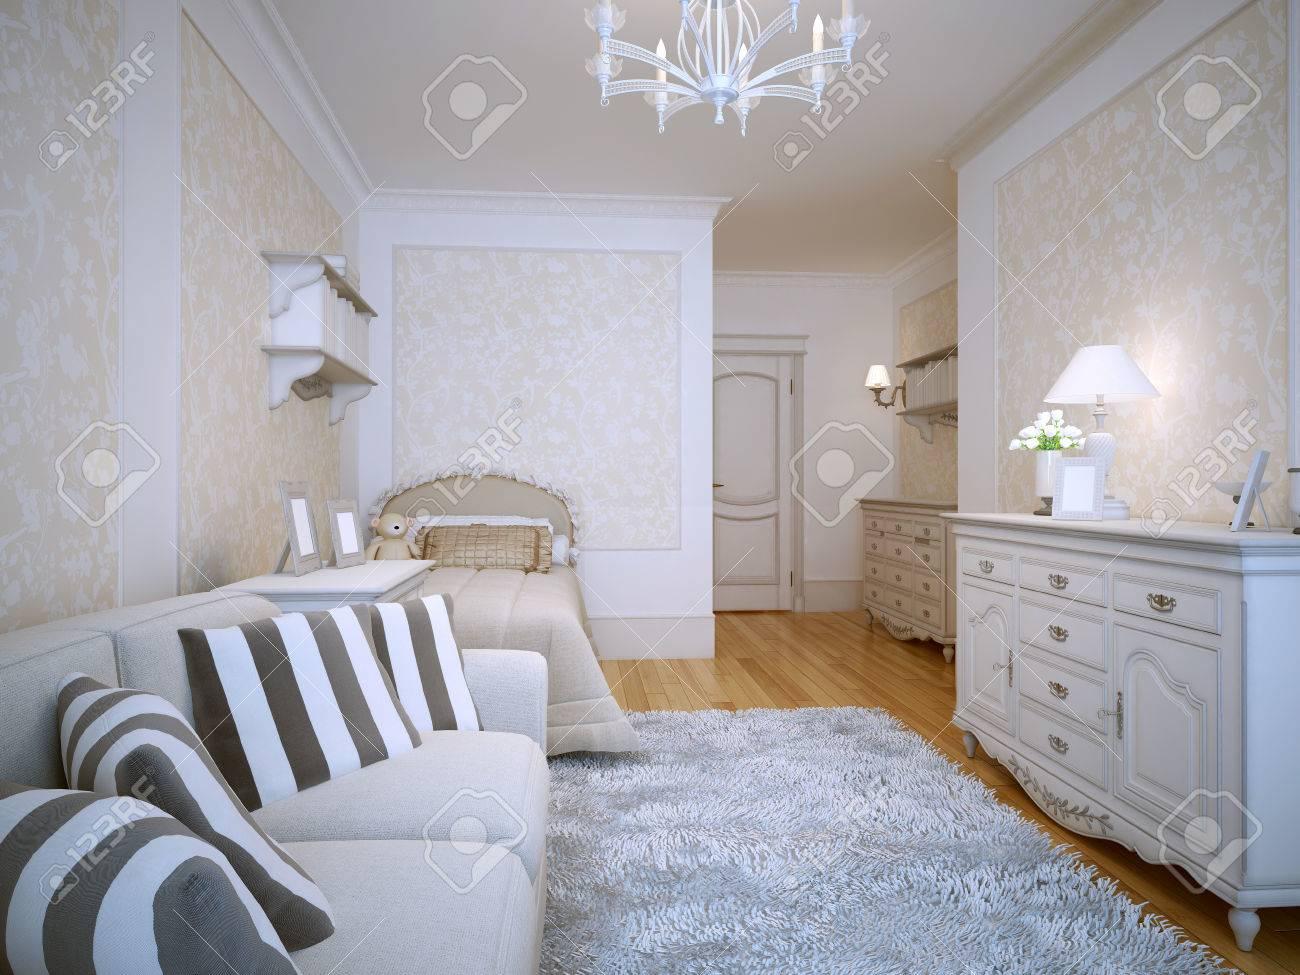 Camere Da Letto Bianche Romantiche: Racconti per immagini una casa ...